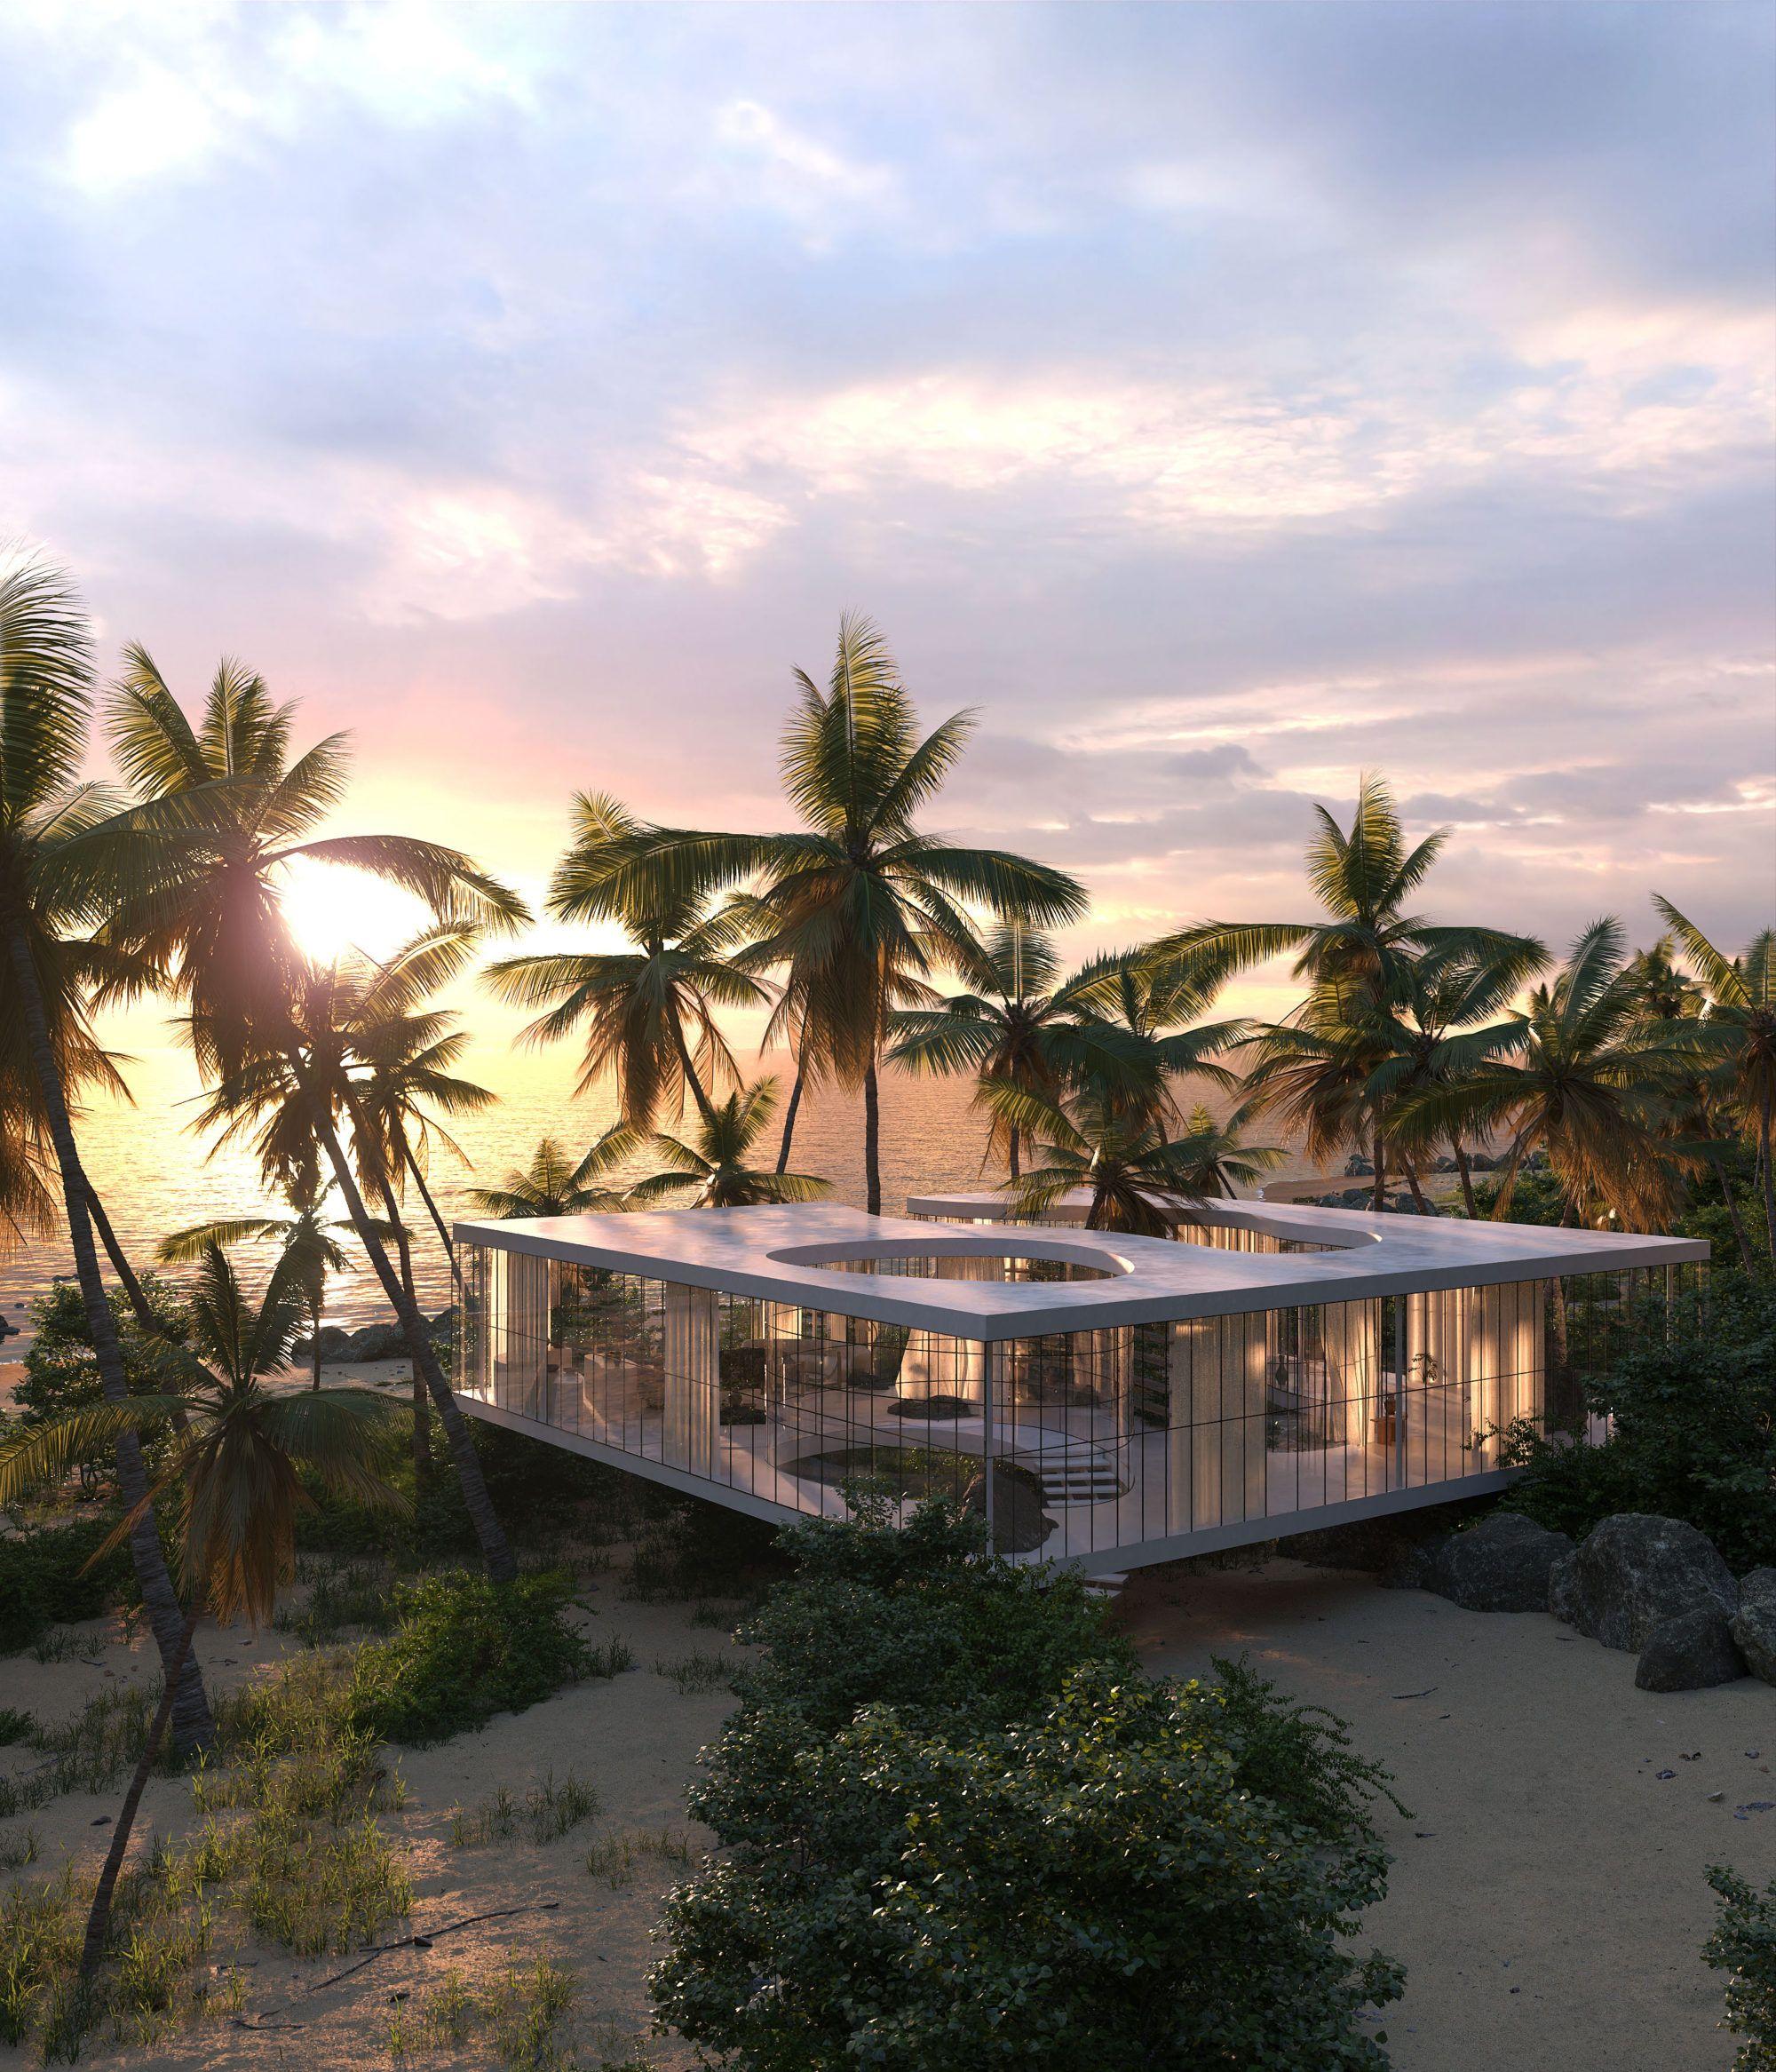 Une maison de verre design dans la nature brésilienne